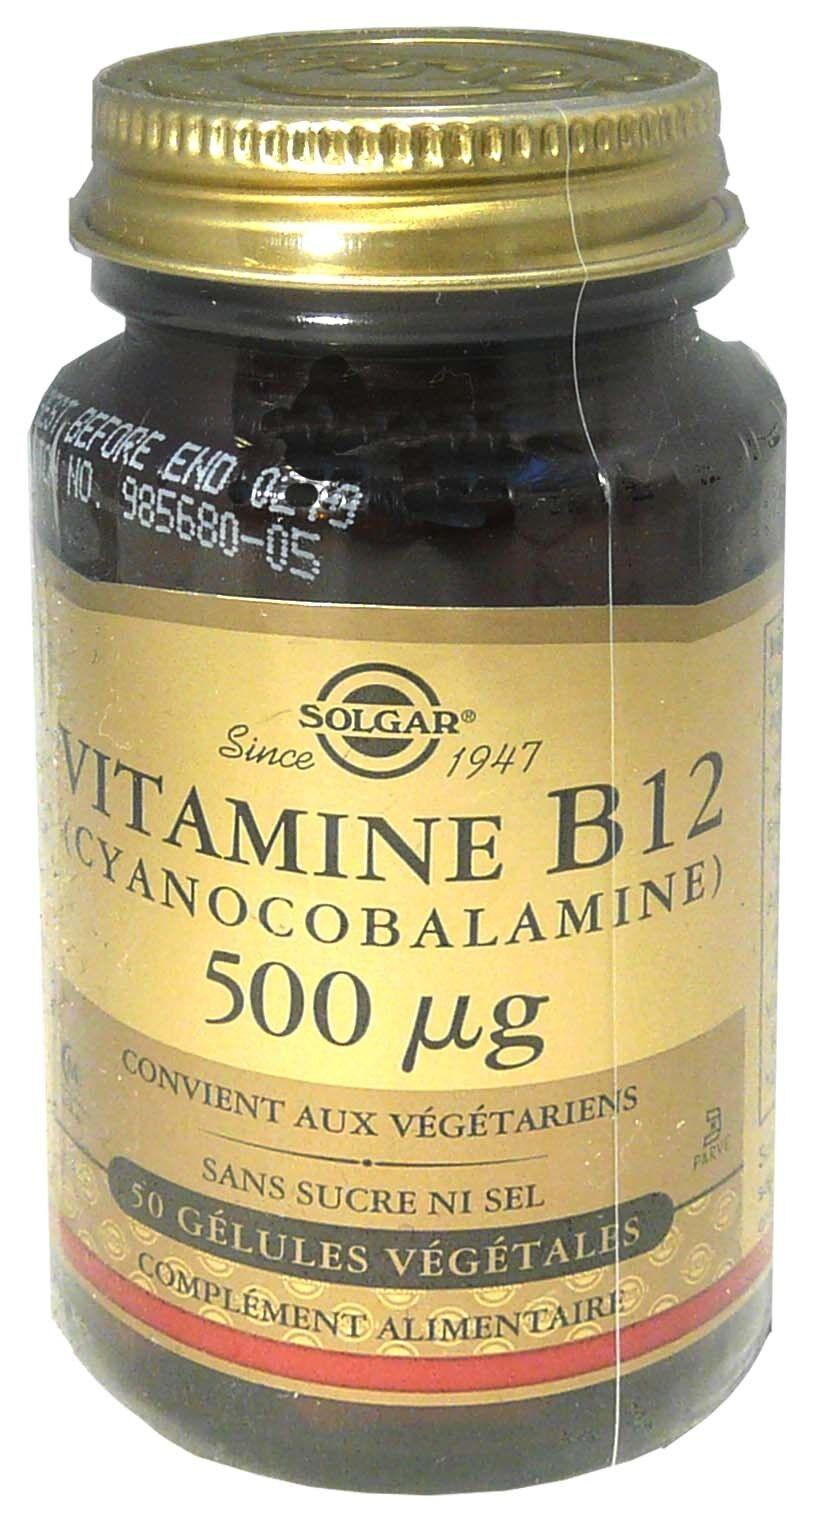 Solgar vitamine b12 500 µg 50 gelules